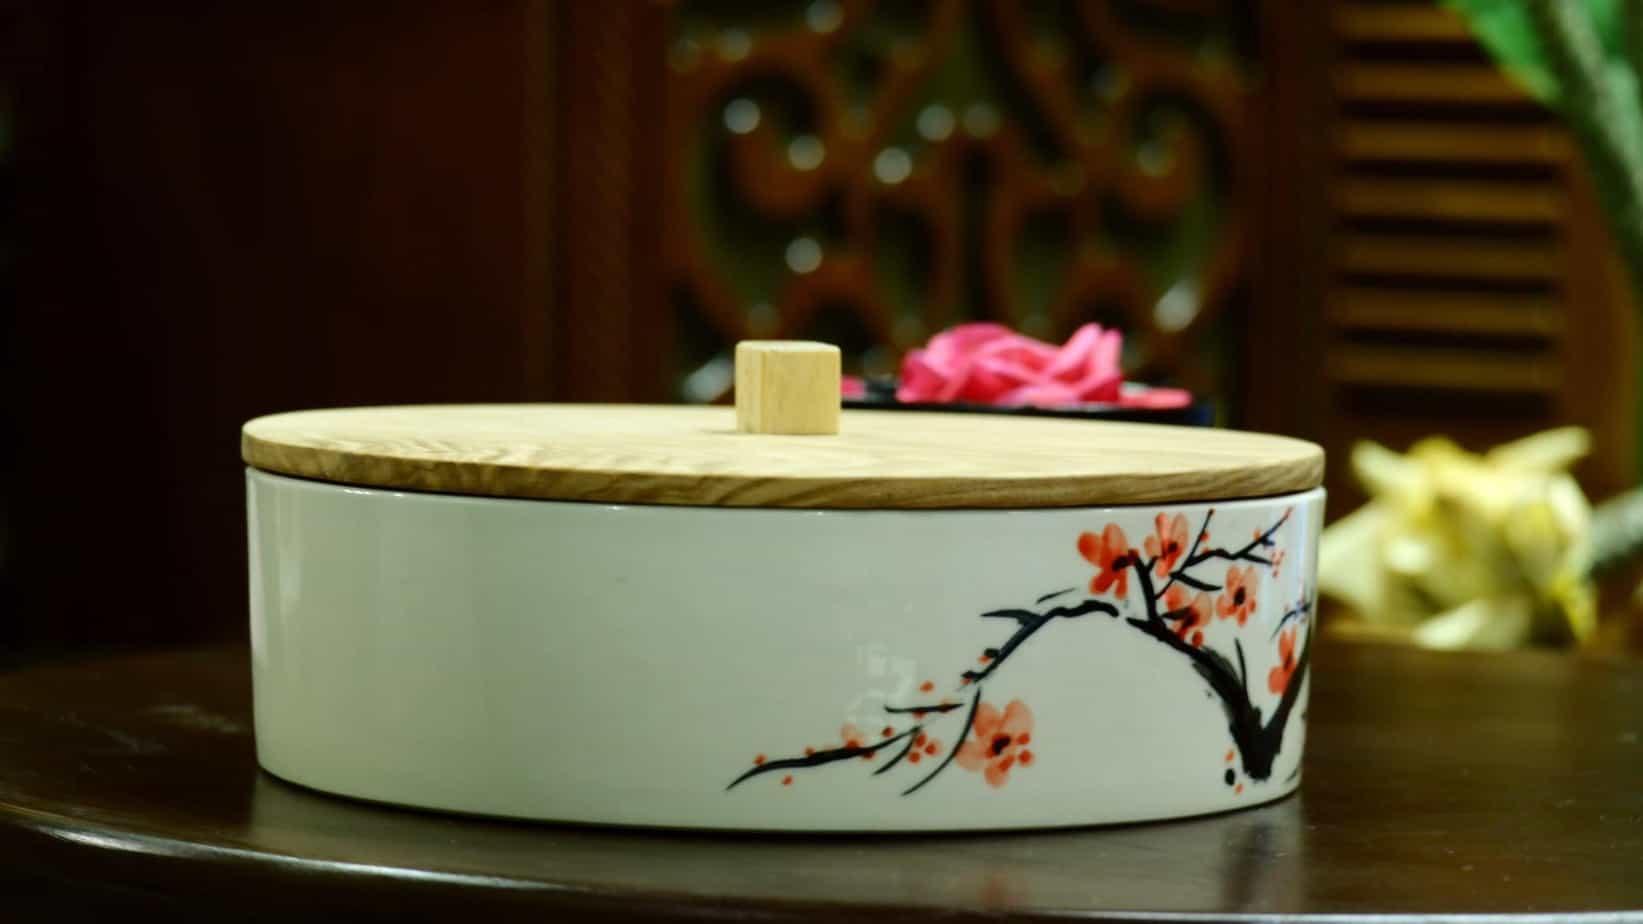 Bộ khay mứt handmade thủ công chắc chắn giúp không gian của bạn đặc biệt hơn trong ngày tết